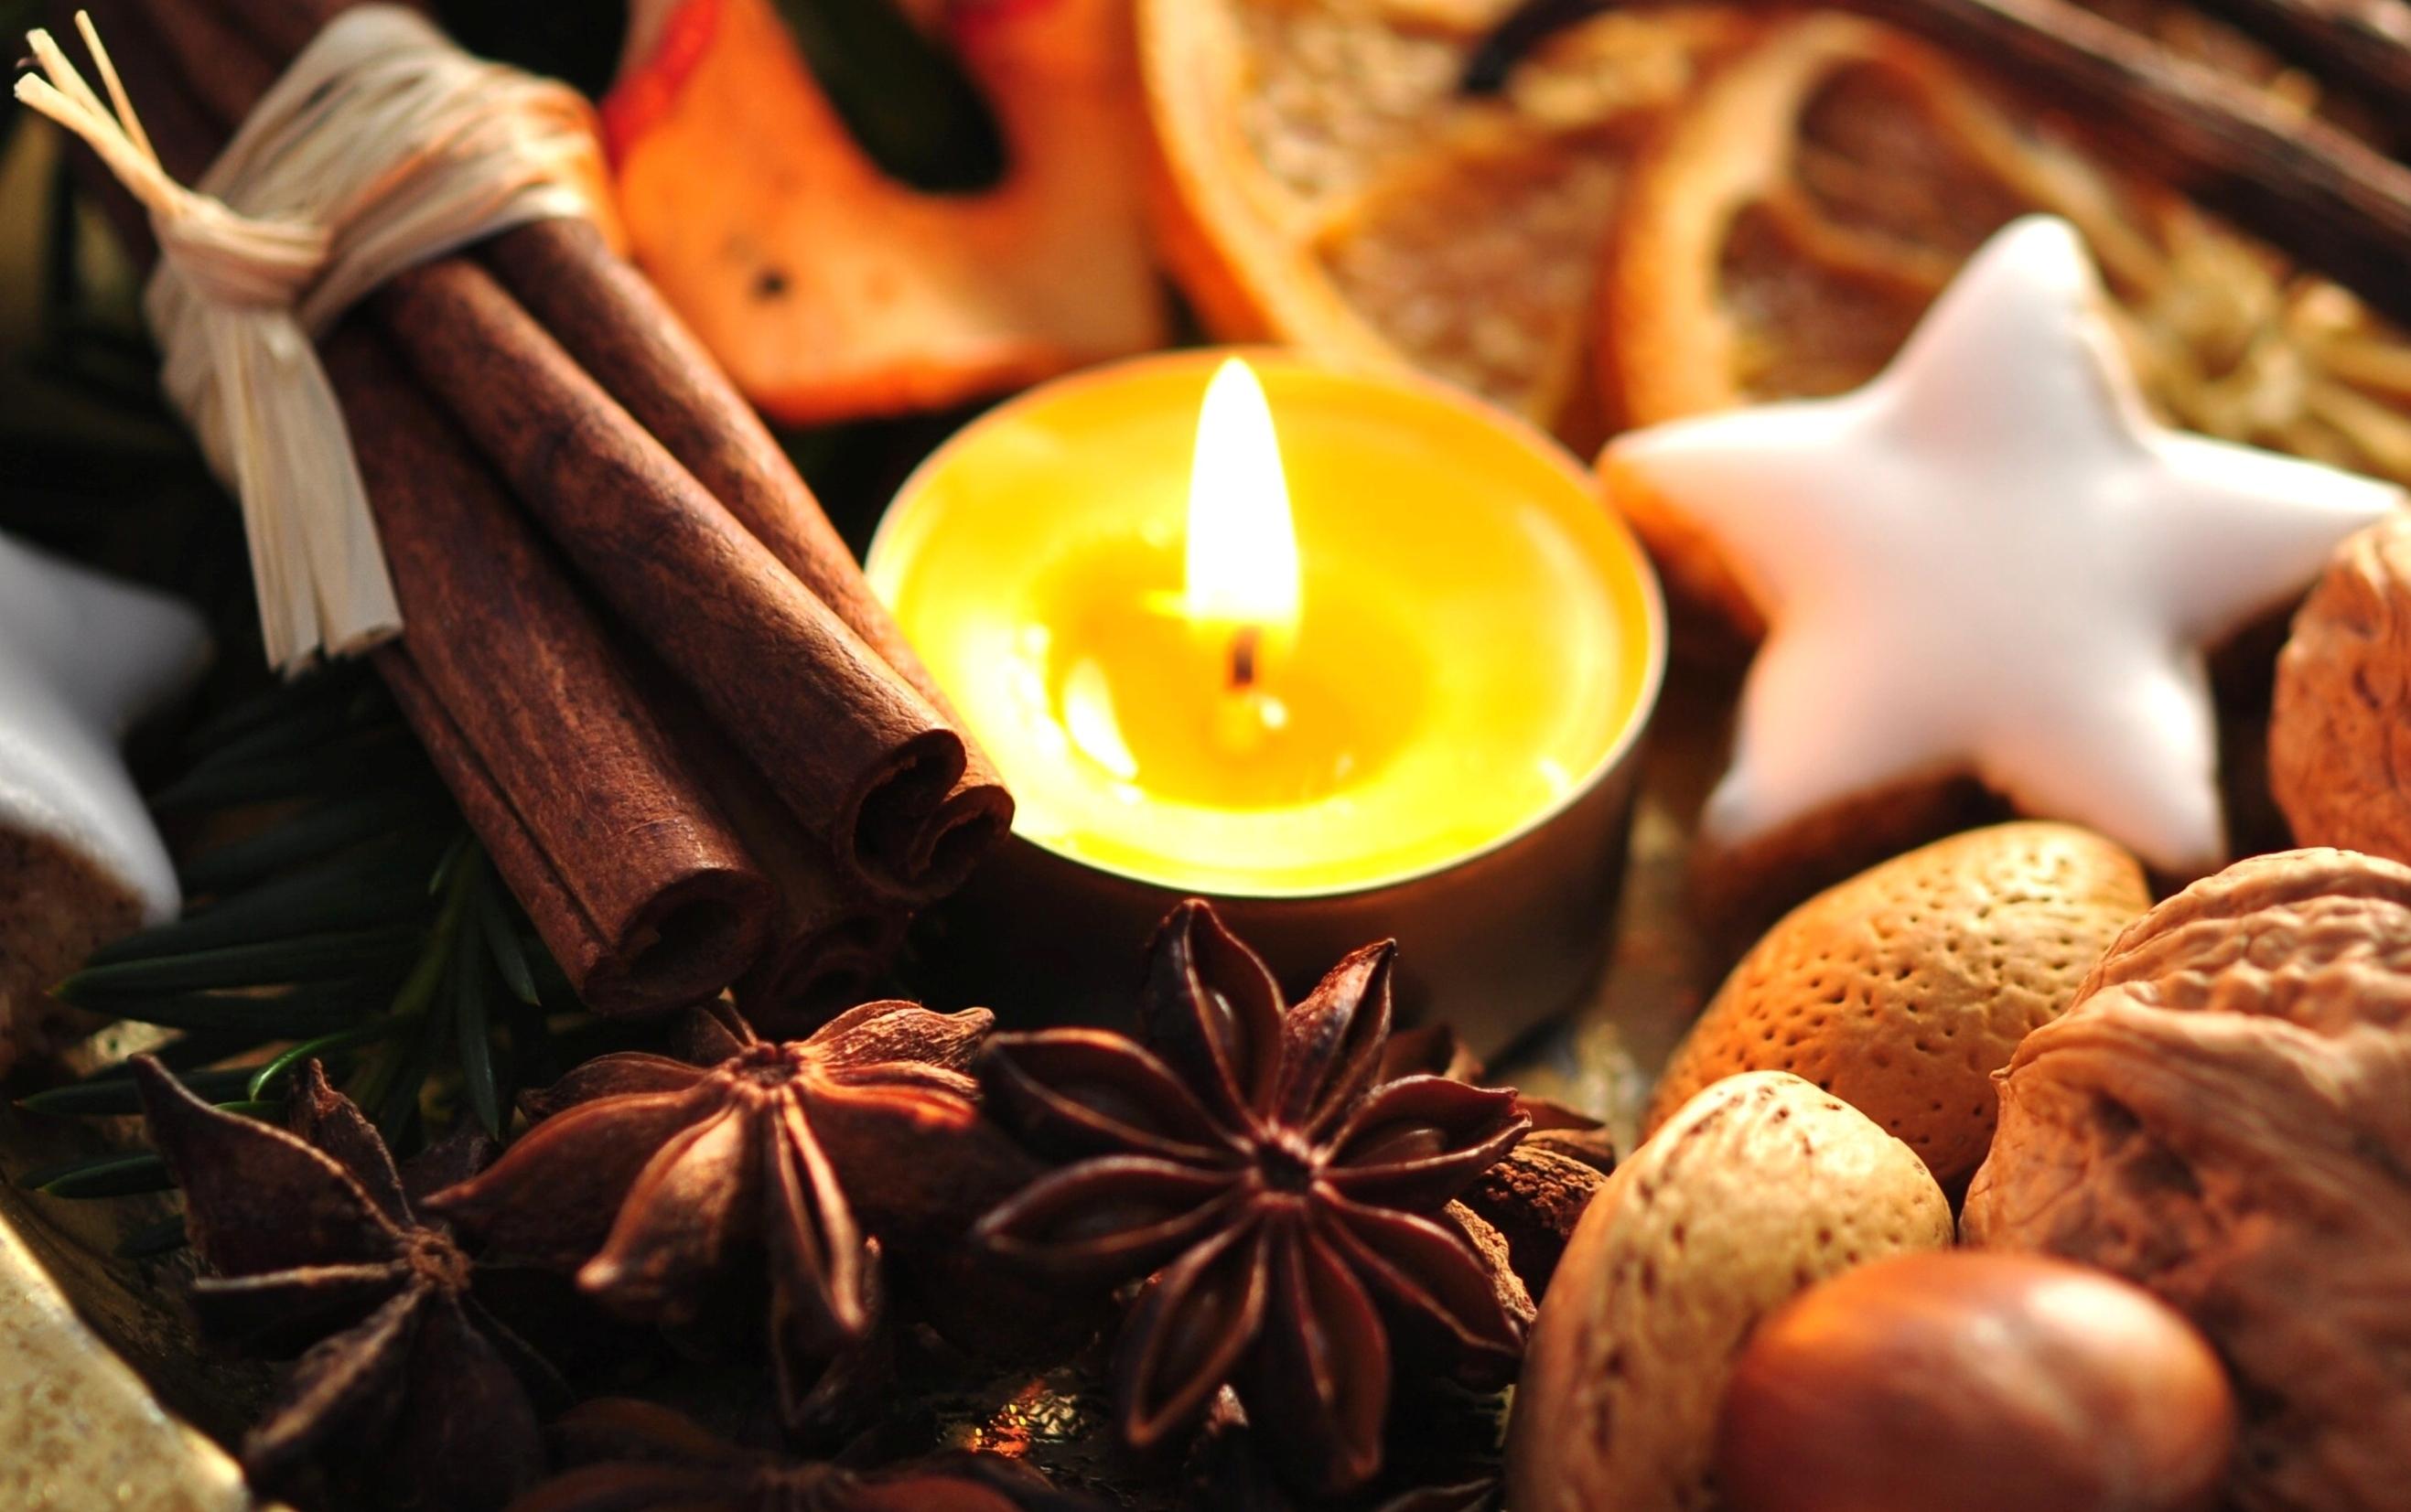 девушка свечи дерево  № 1505219 бесплатно